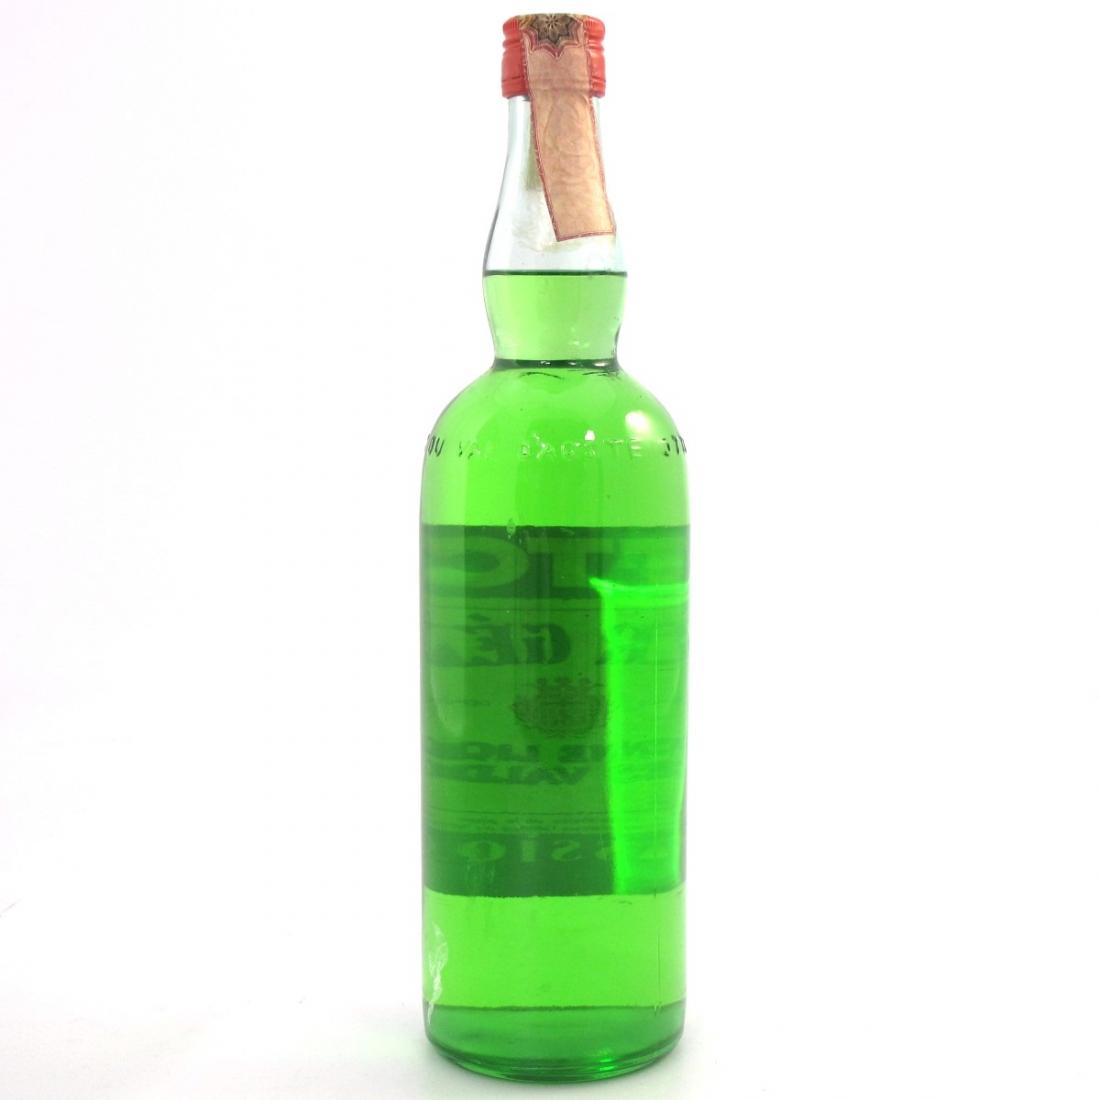 Ottoz Elixir Génépy